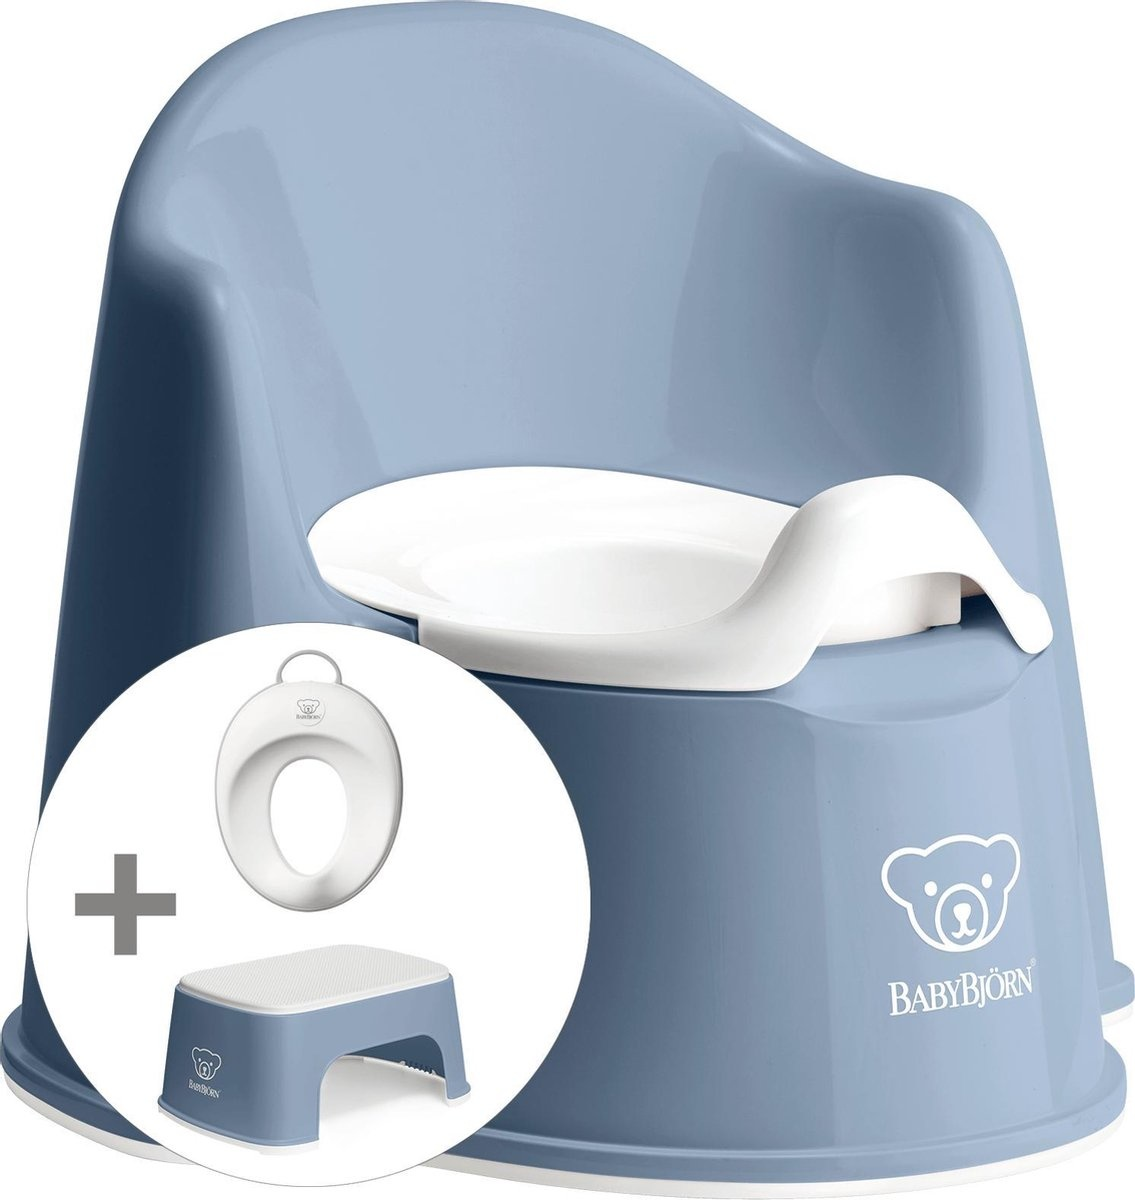 BABYBJÖRN Babybjörn startpakket bestaande uit Plaspotje Zetel, Opstapkrukje en Toilettrainer - Diepb